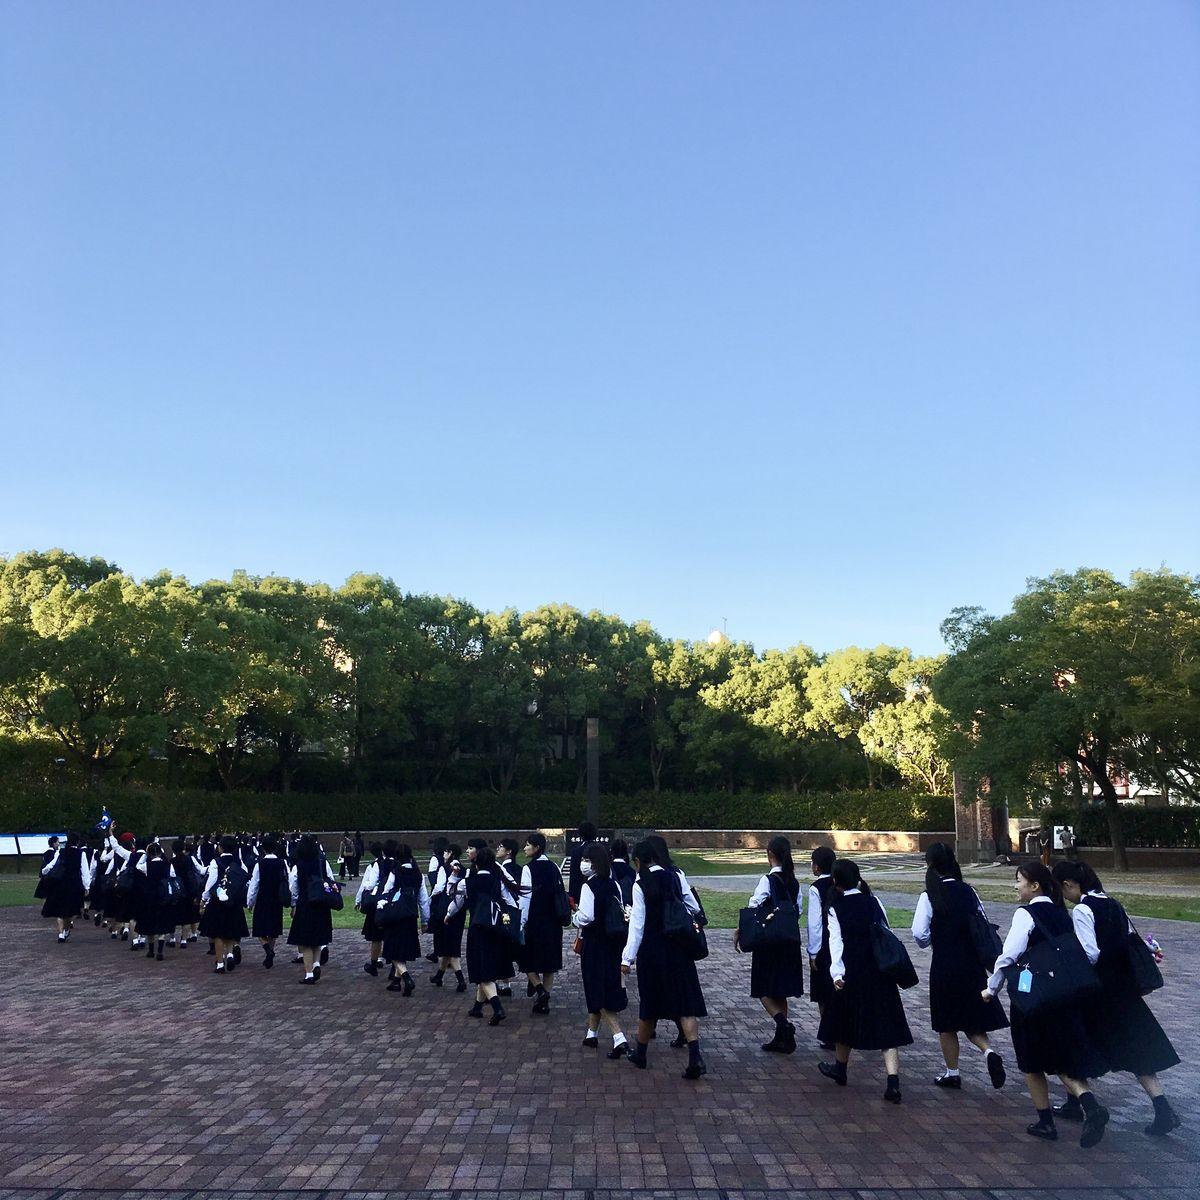 School children walk by the Nagasaki hypocenter cenotaph.